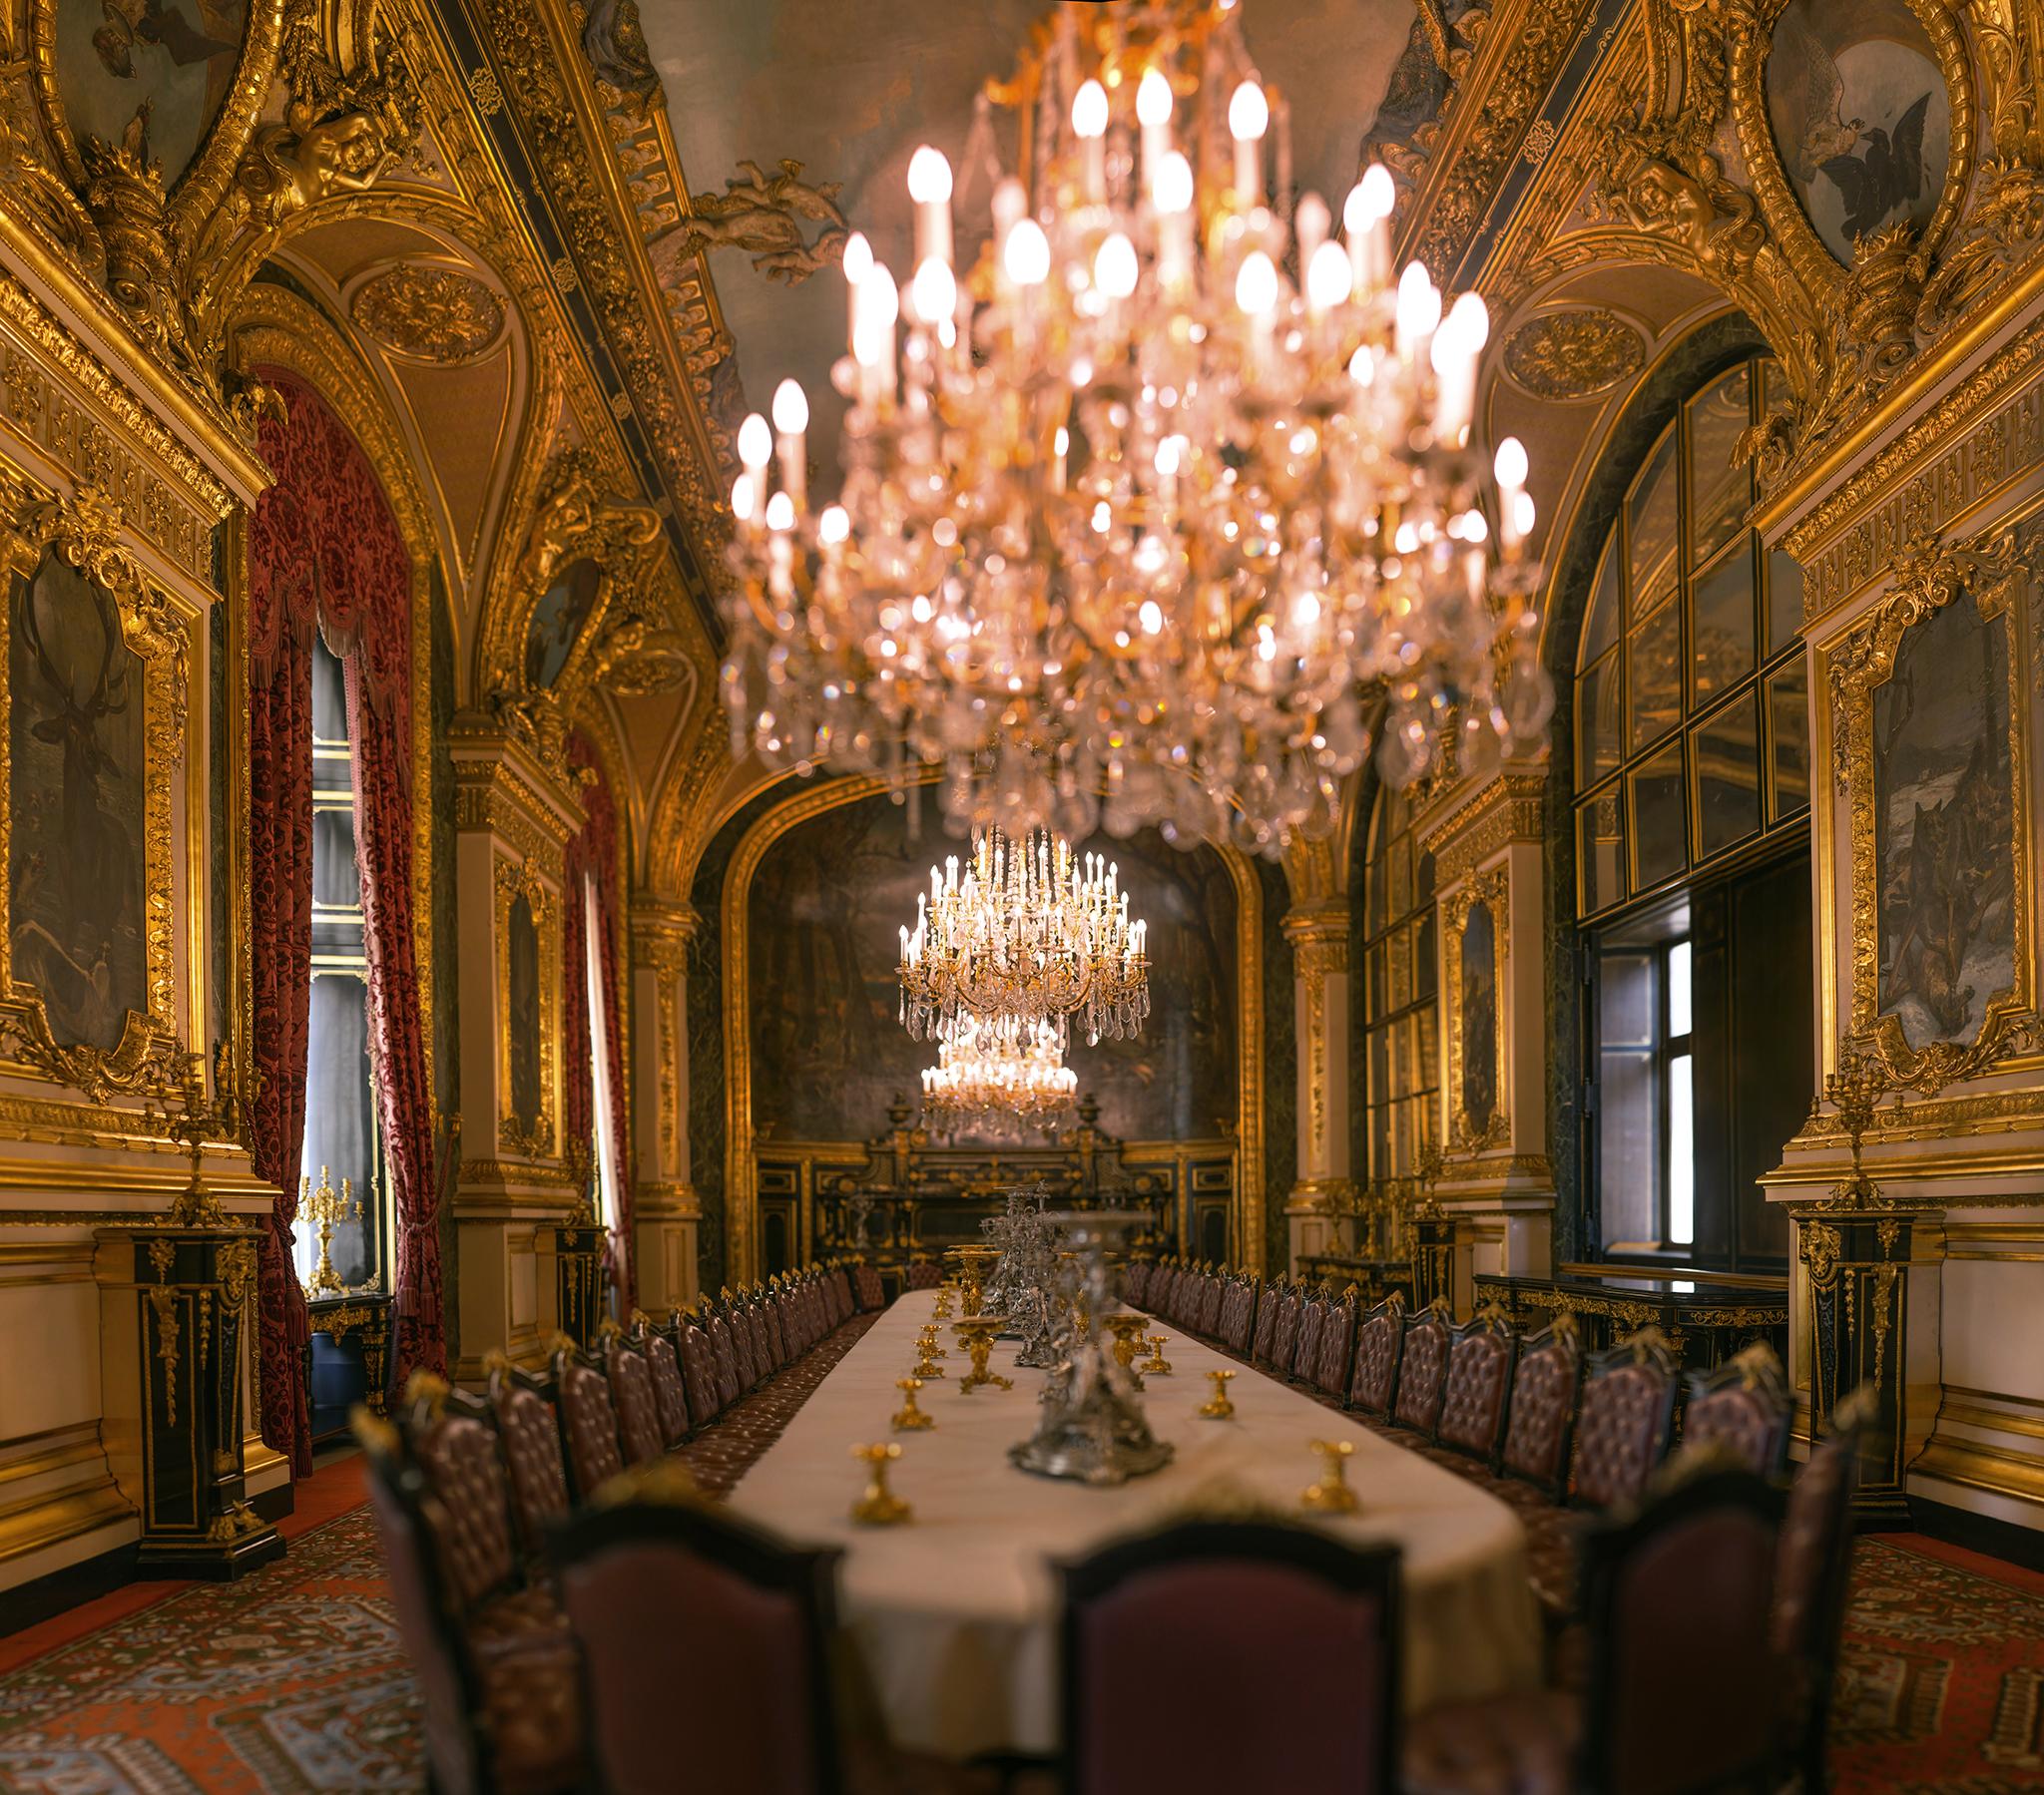 フランス:「ルーブル美術館、ナポレオン3世の部屋/Louvre Museum ,Napoleon III Apartments」